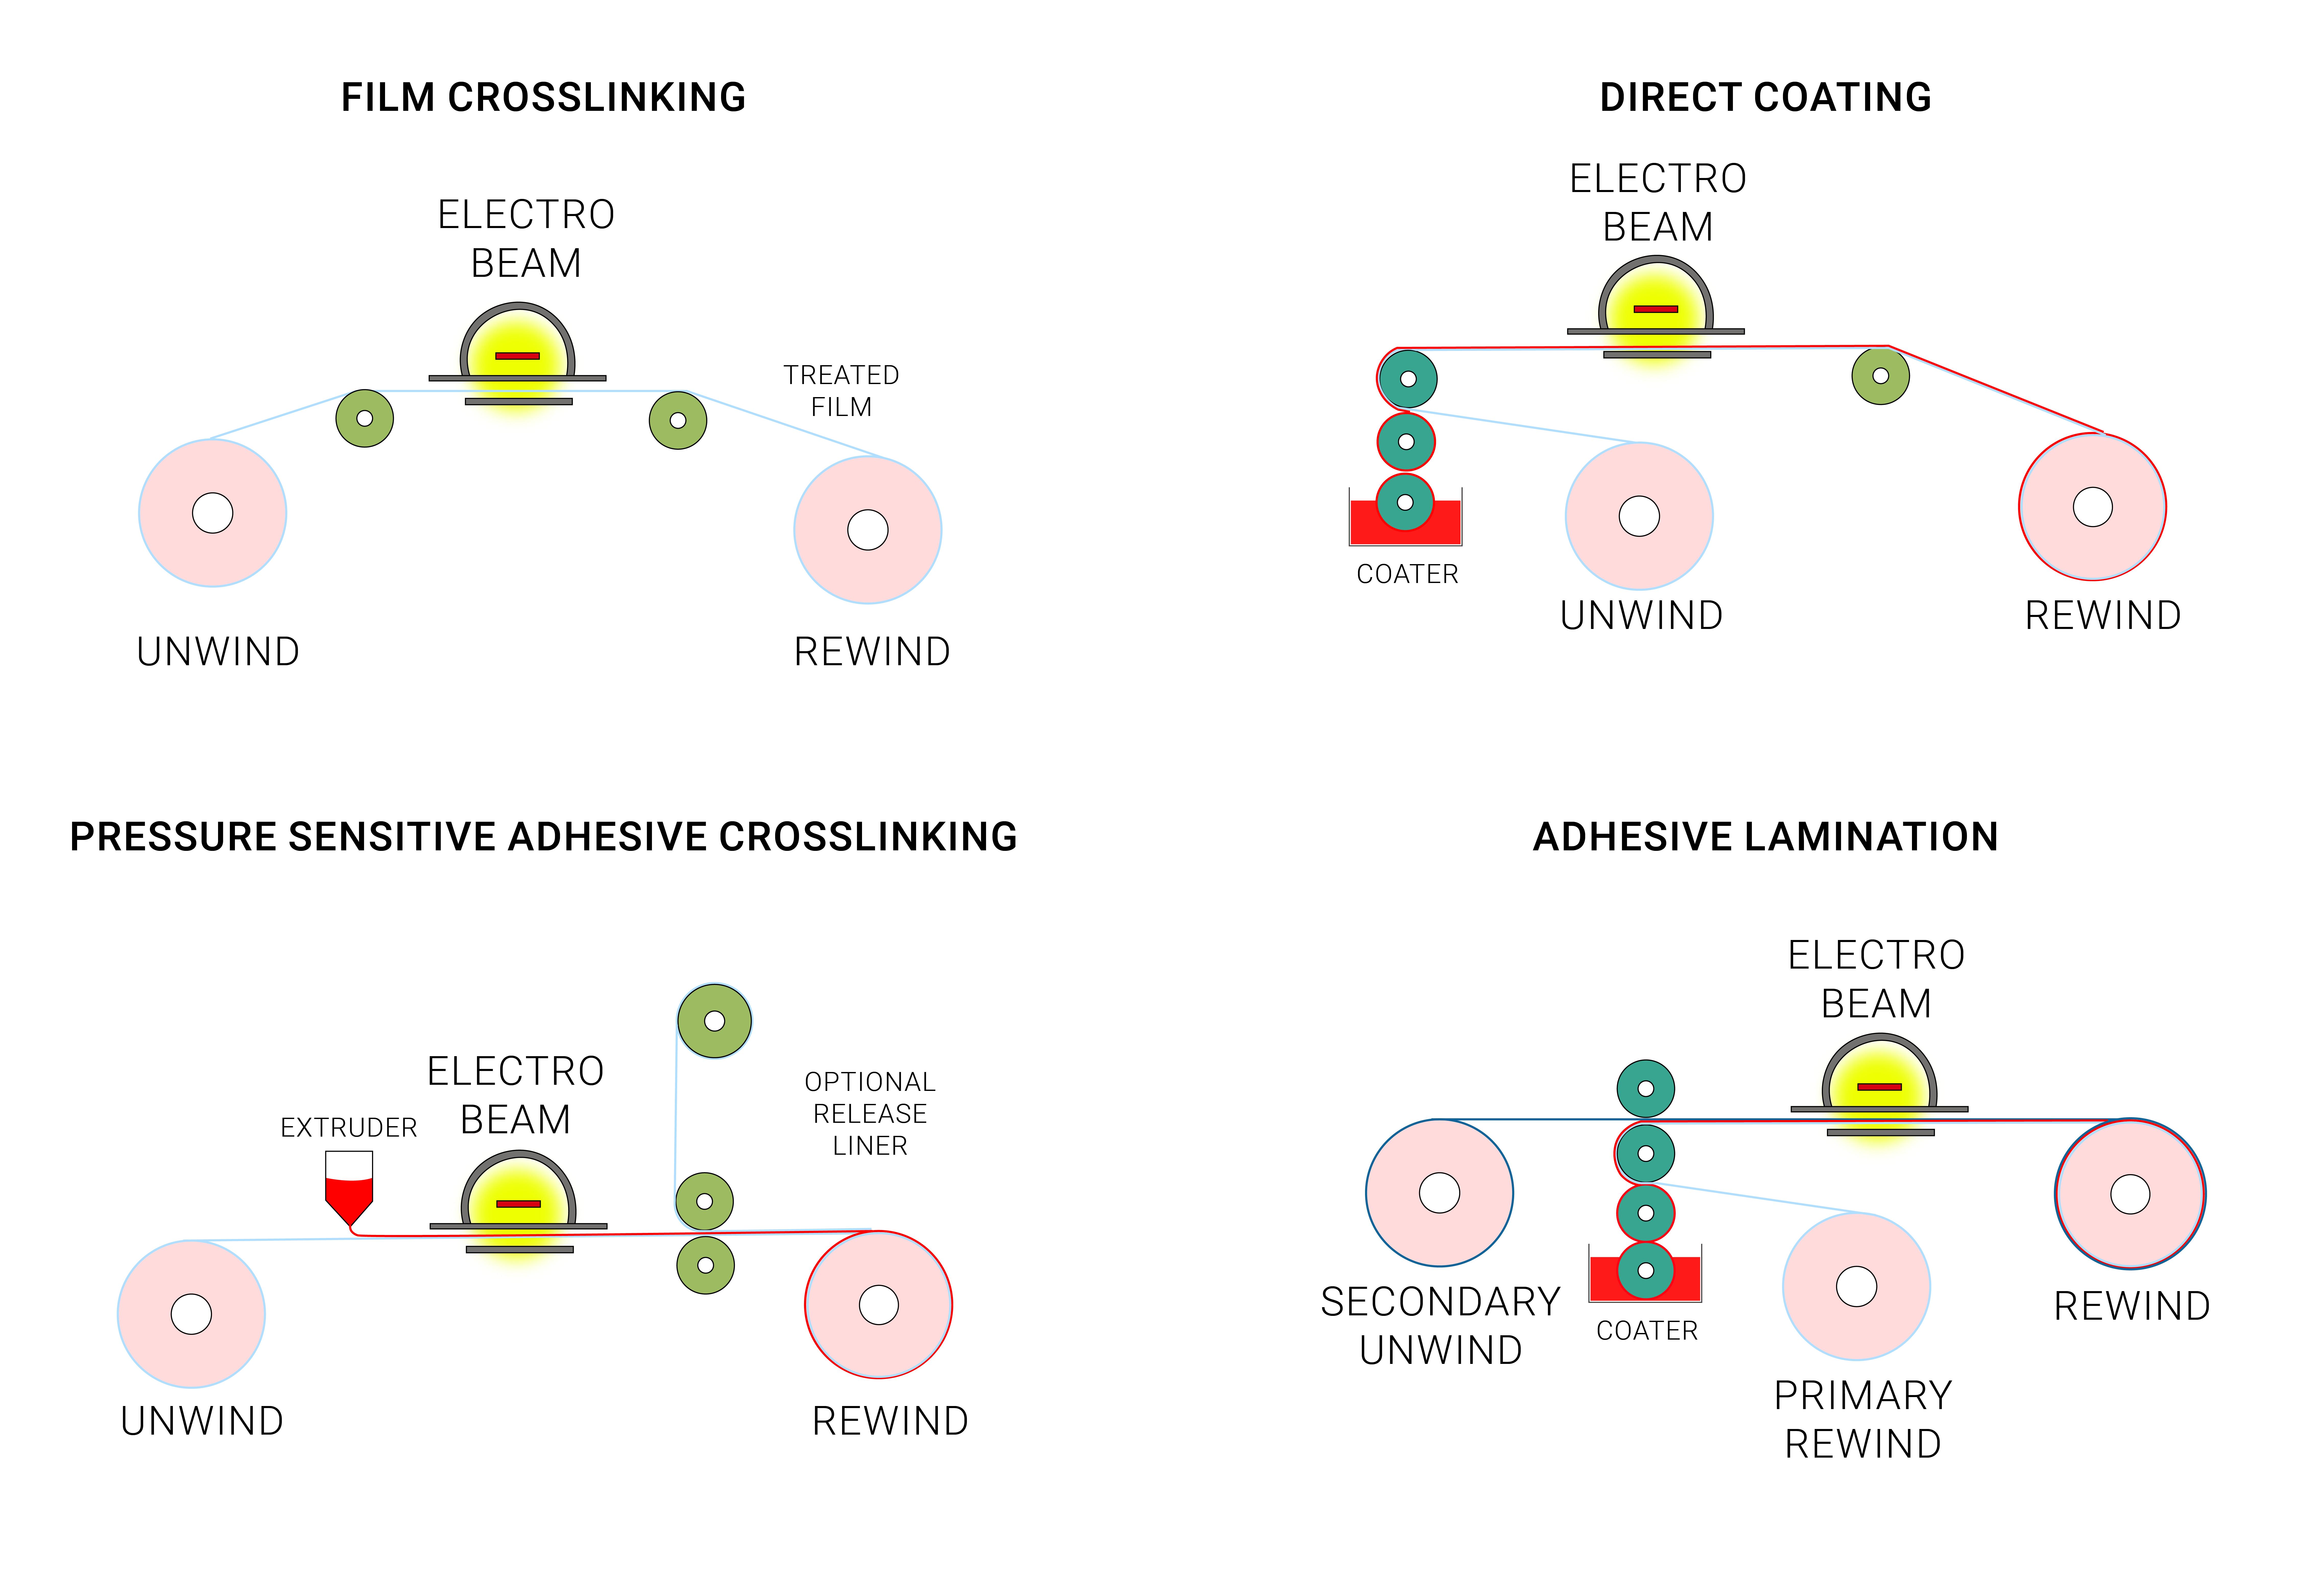 electro beams crosslinking